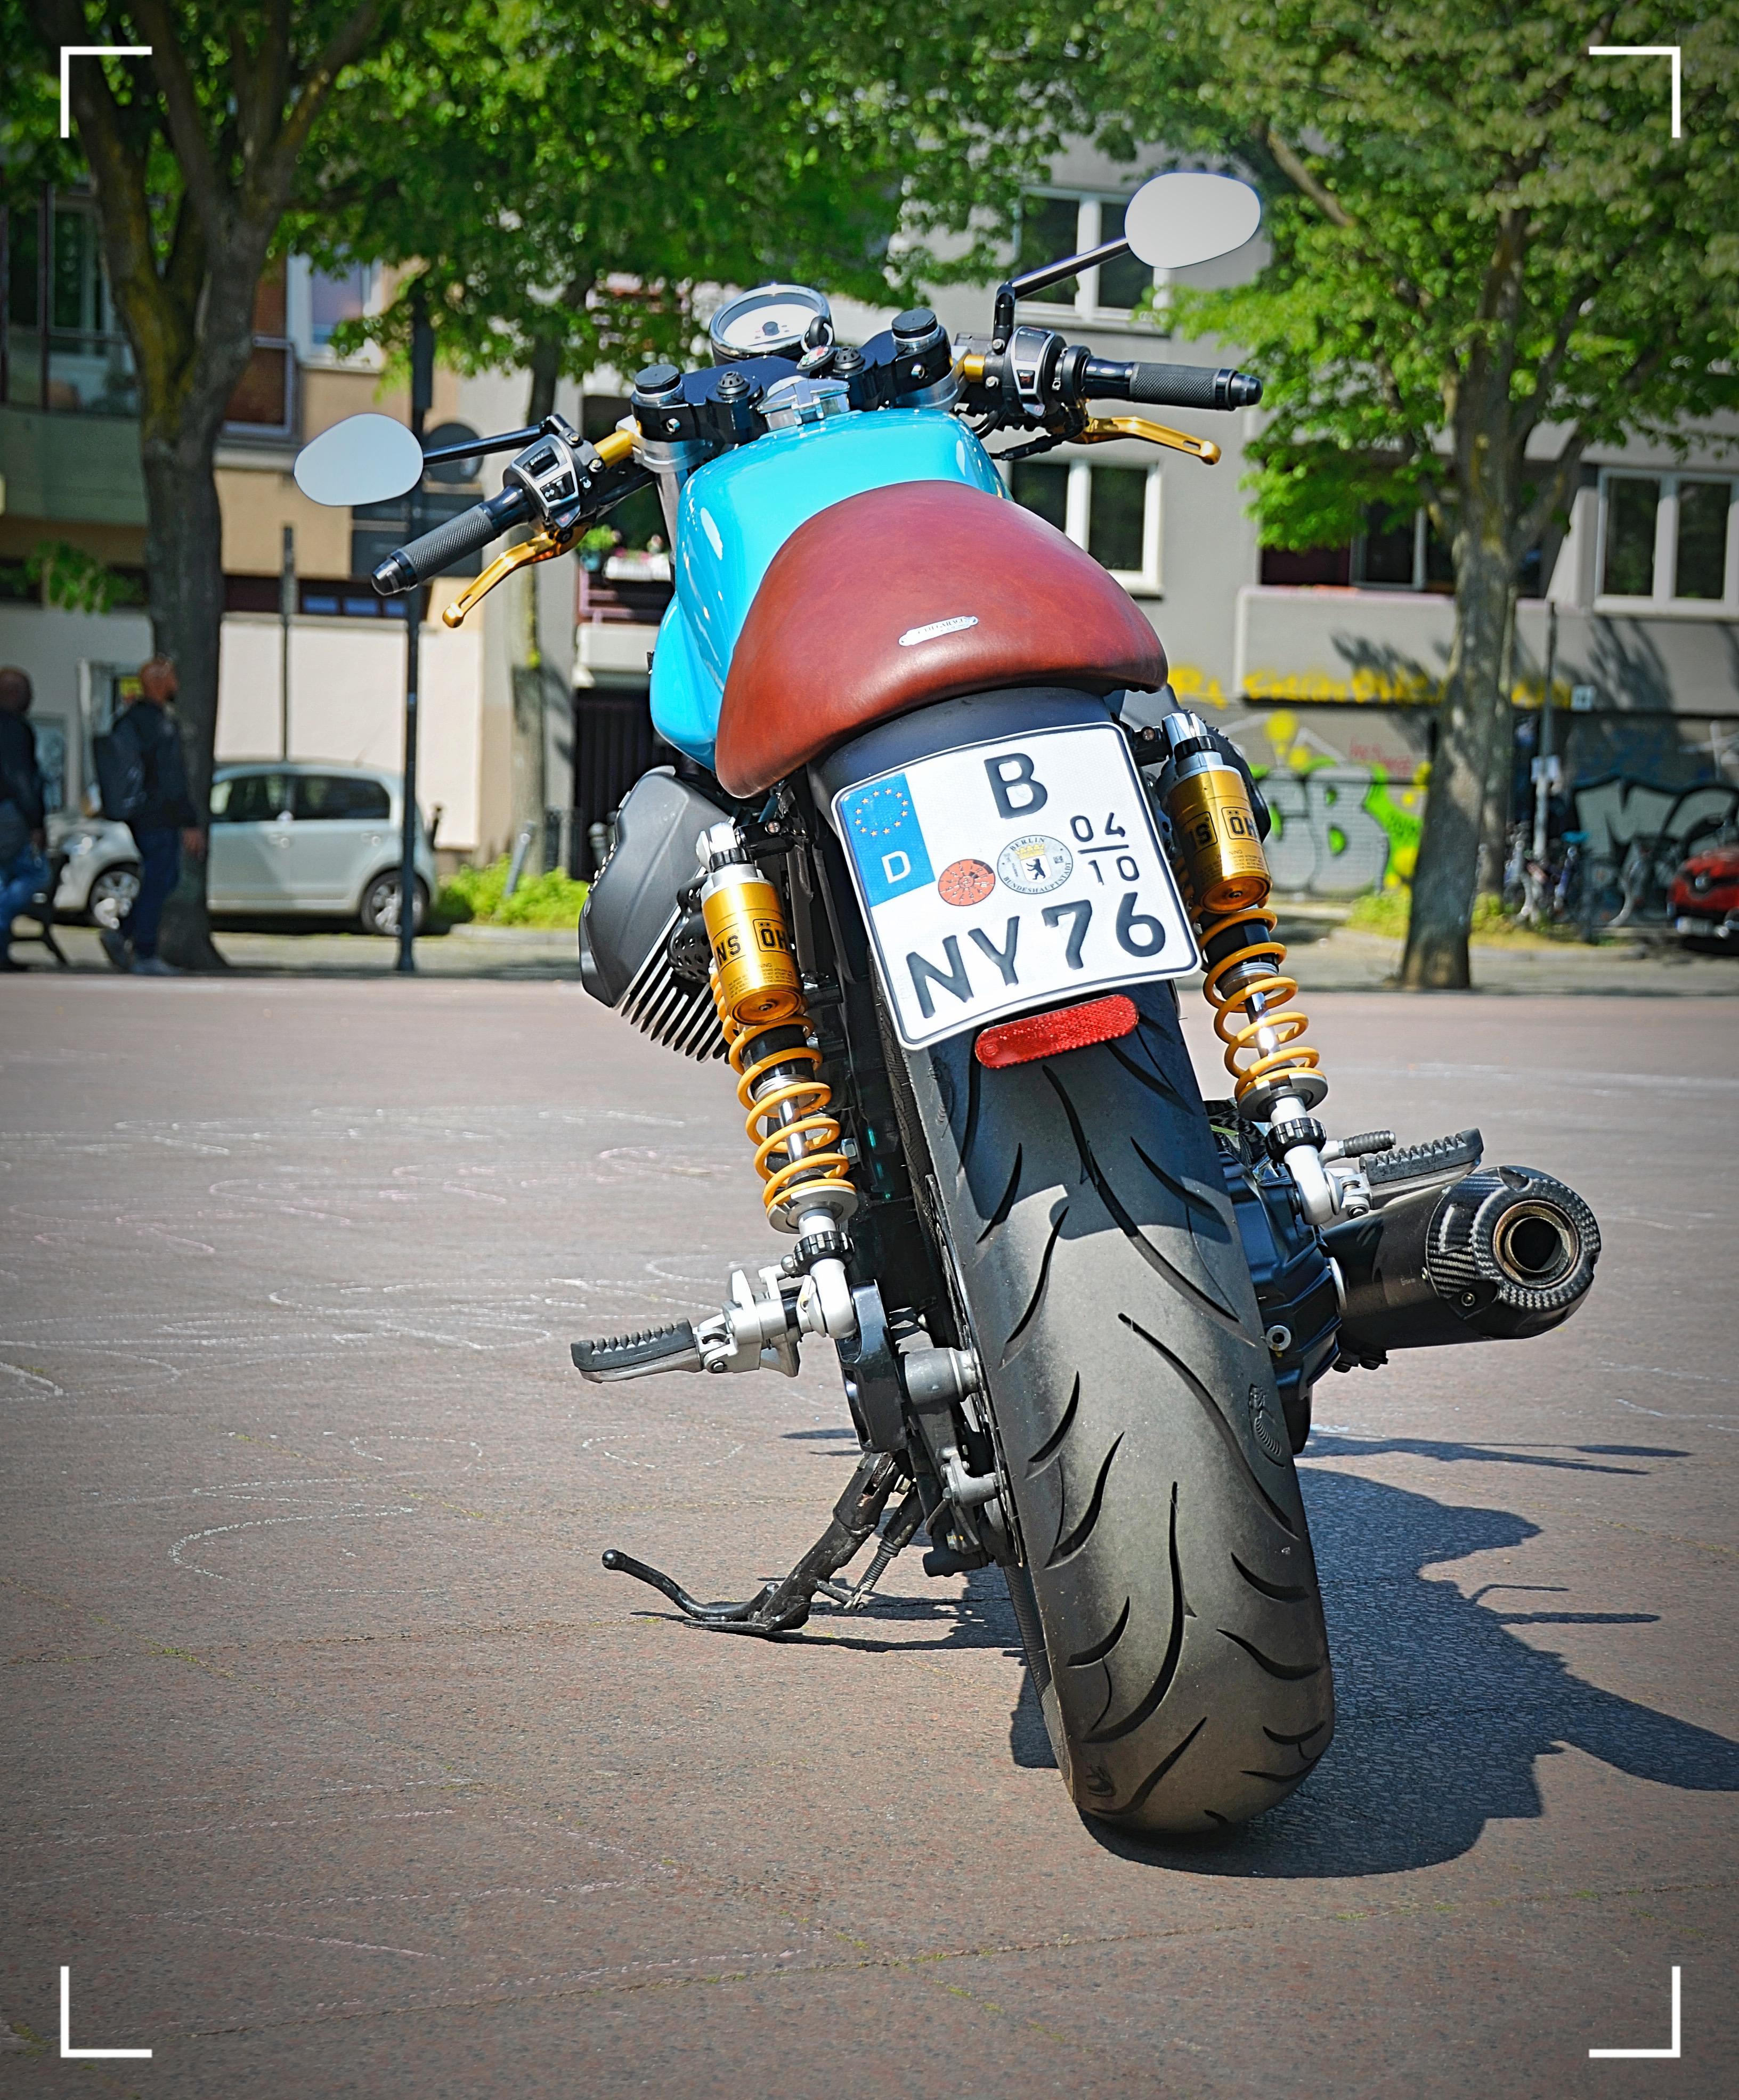 Moto Guzzi V9 Corsa Miami